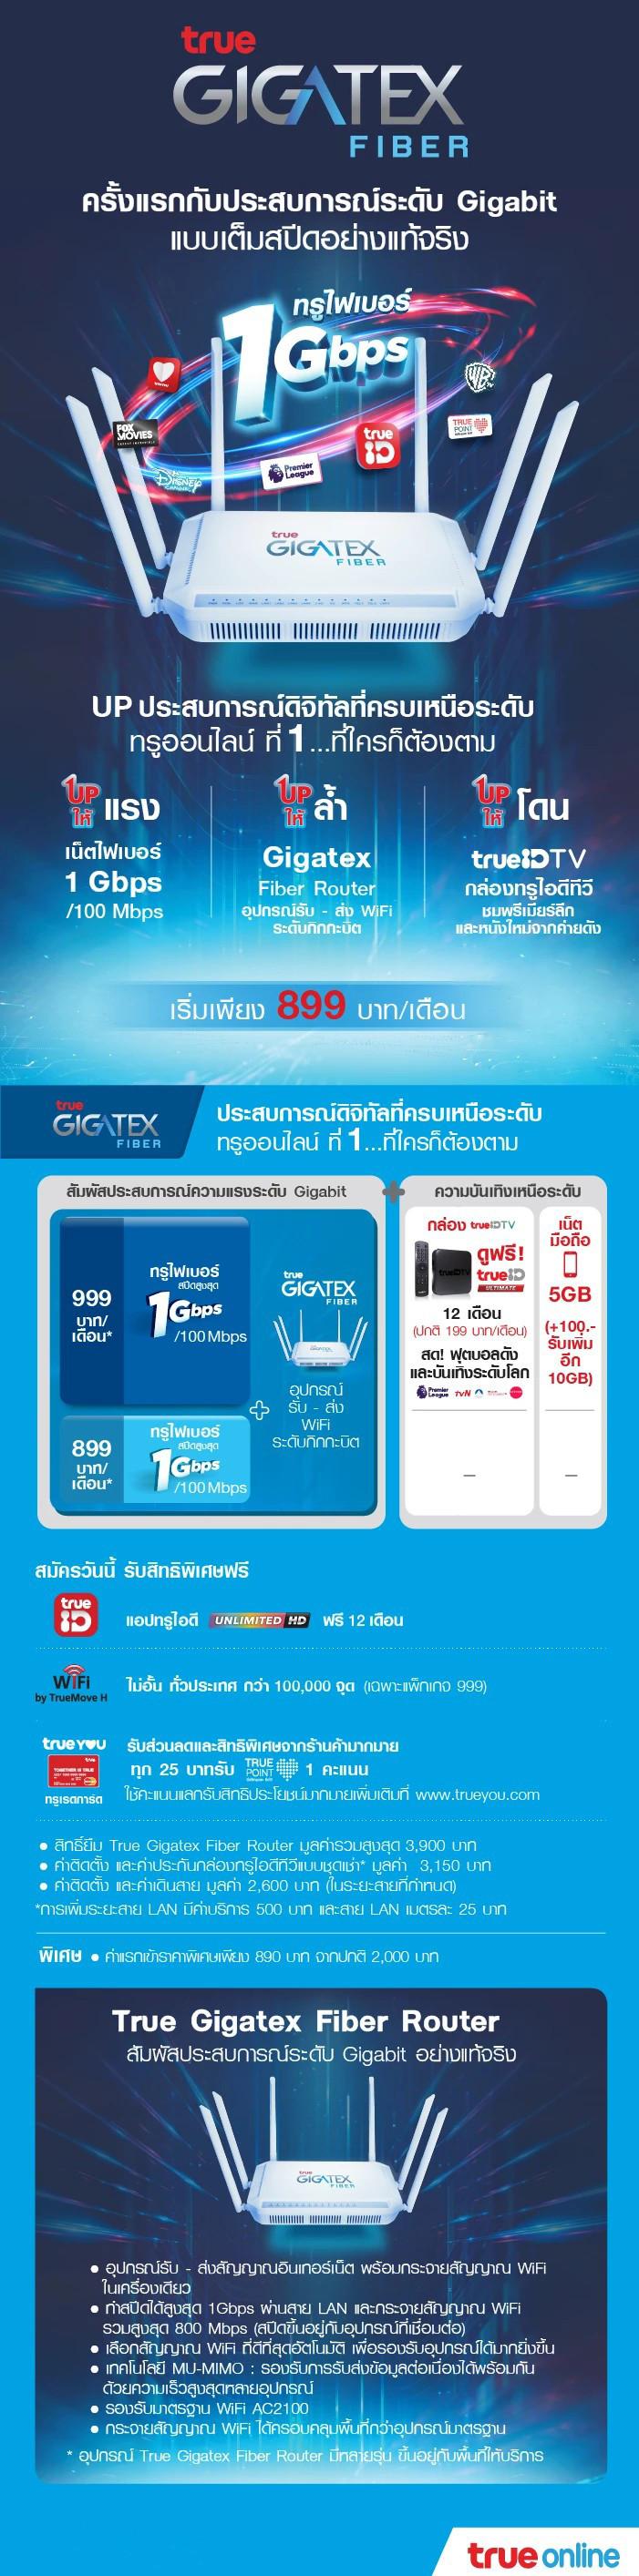 messageImage_1567996621656.jpg